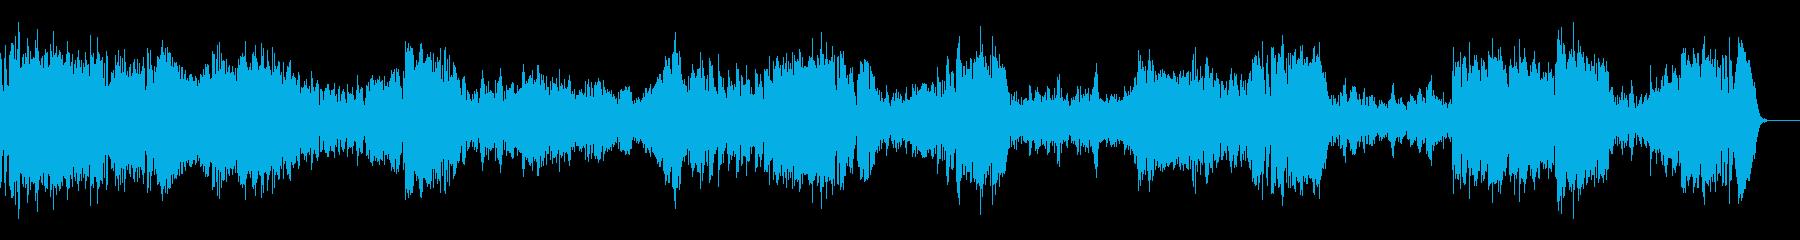 RV522_1『アレグロ』ビバルディの再生済みの波形